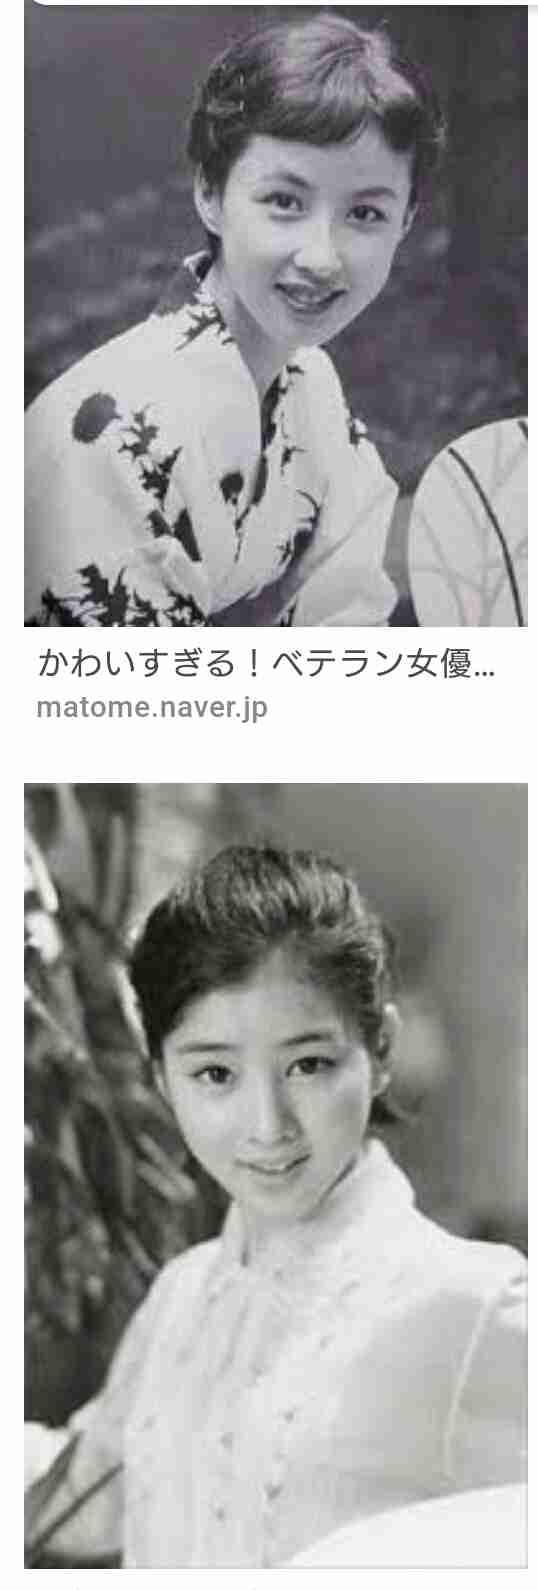 昭和顔の有名人